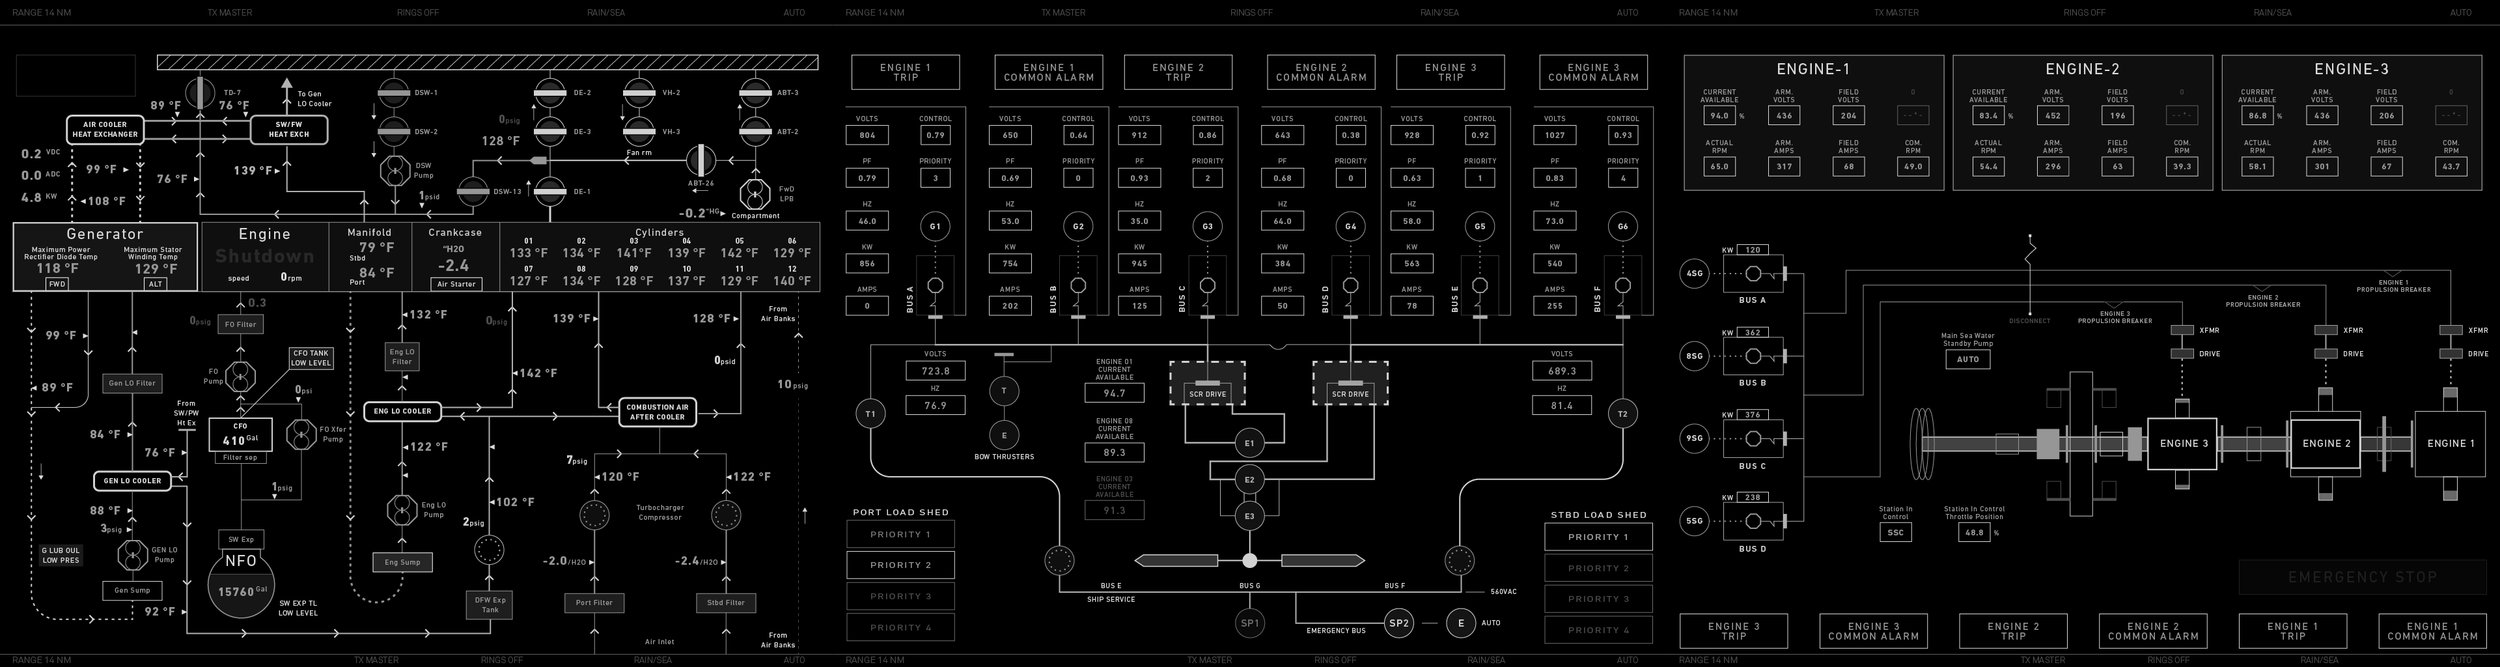 aa_engineroom_bw_002.jpg